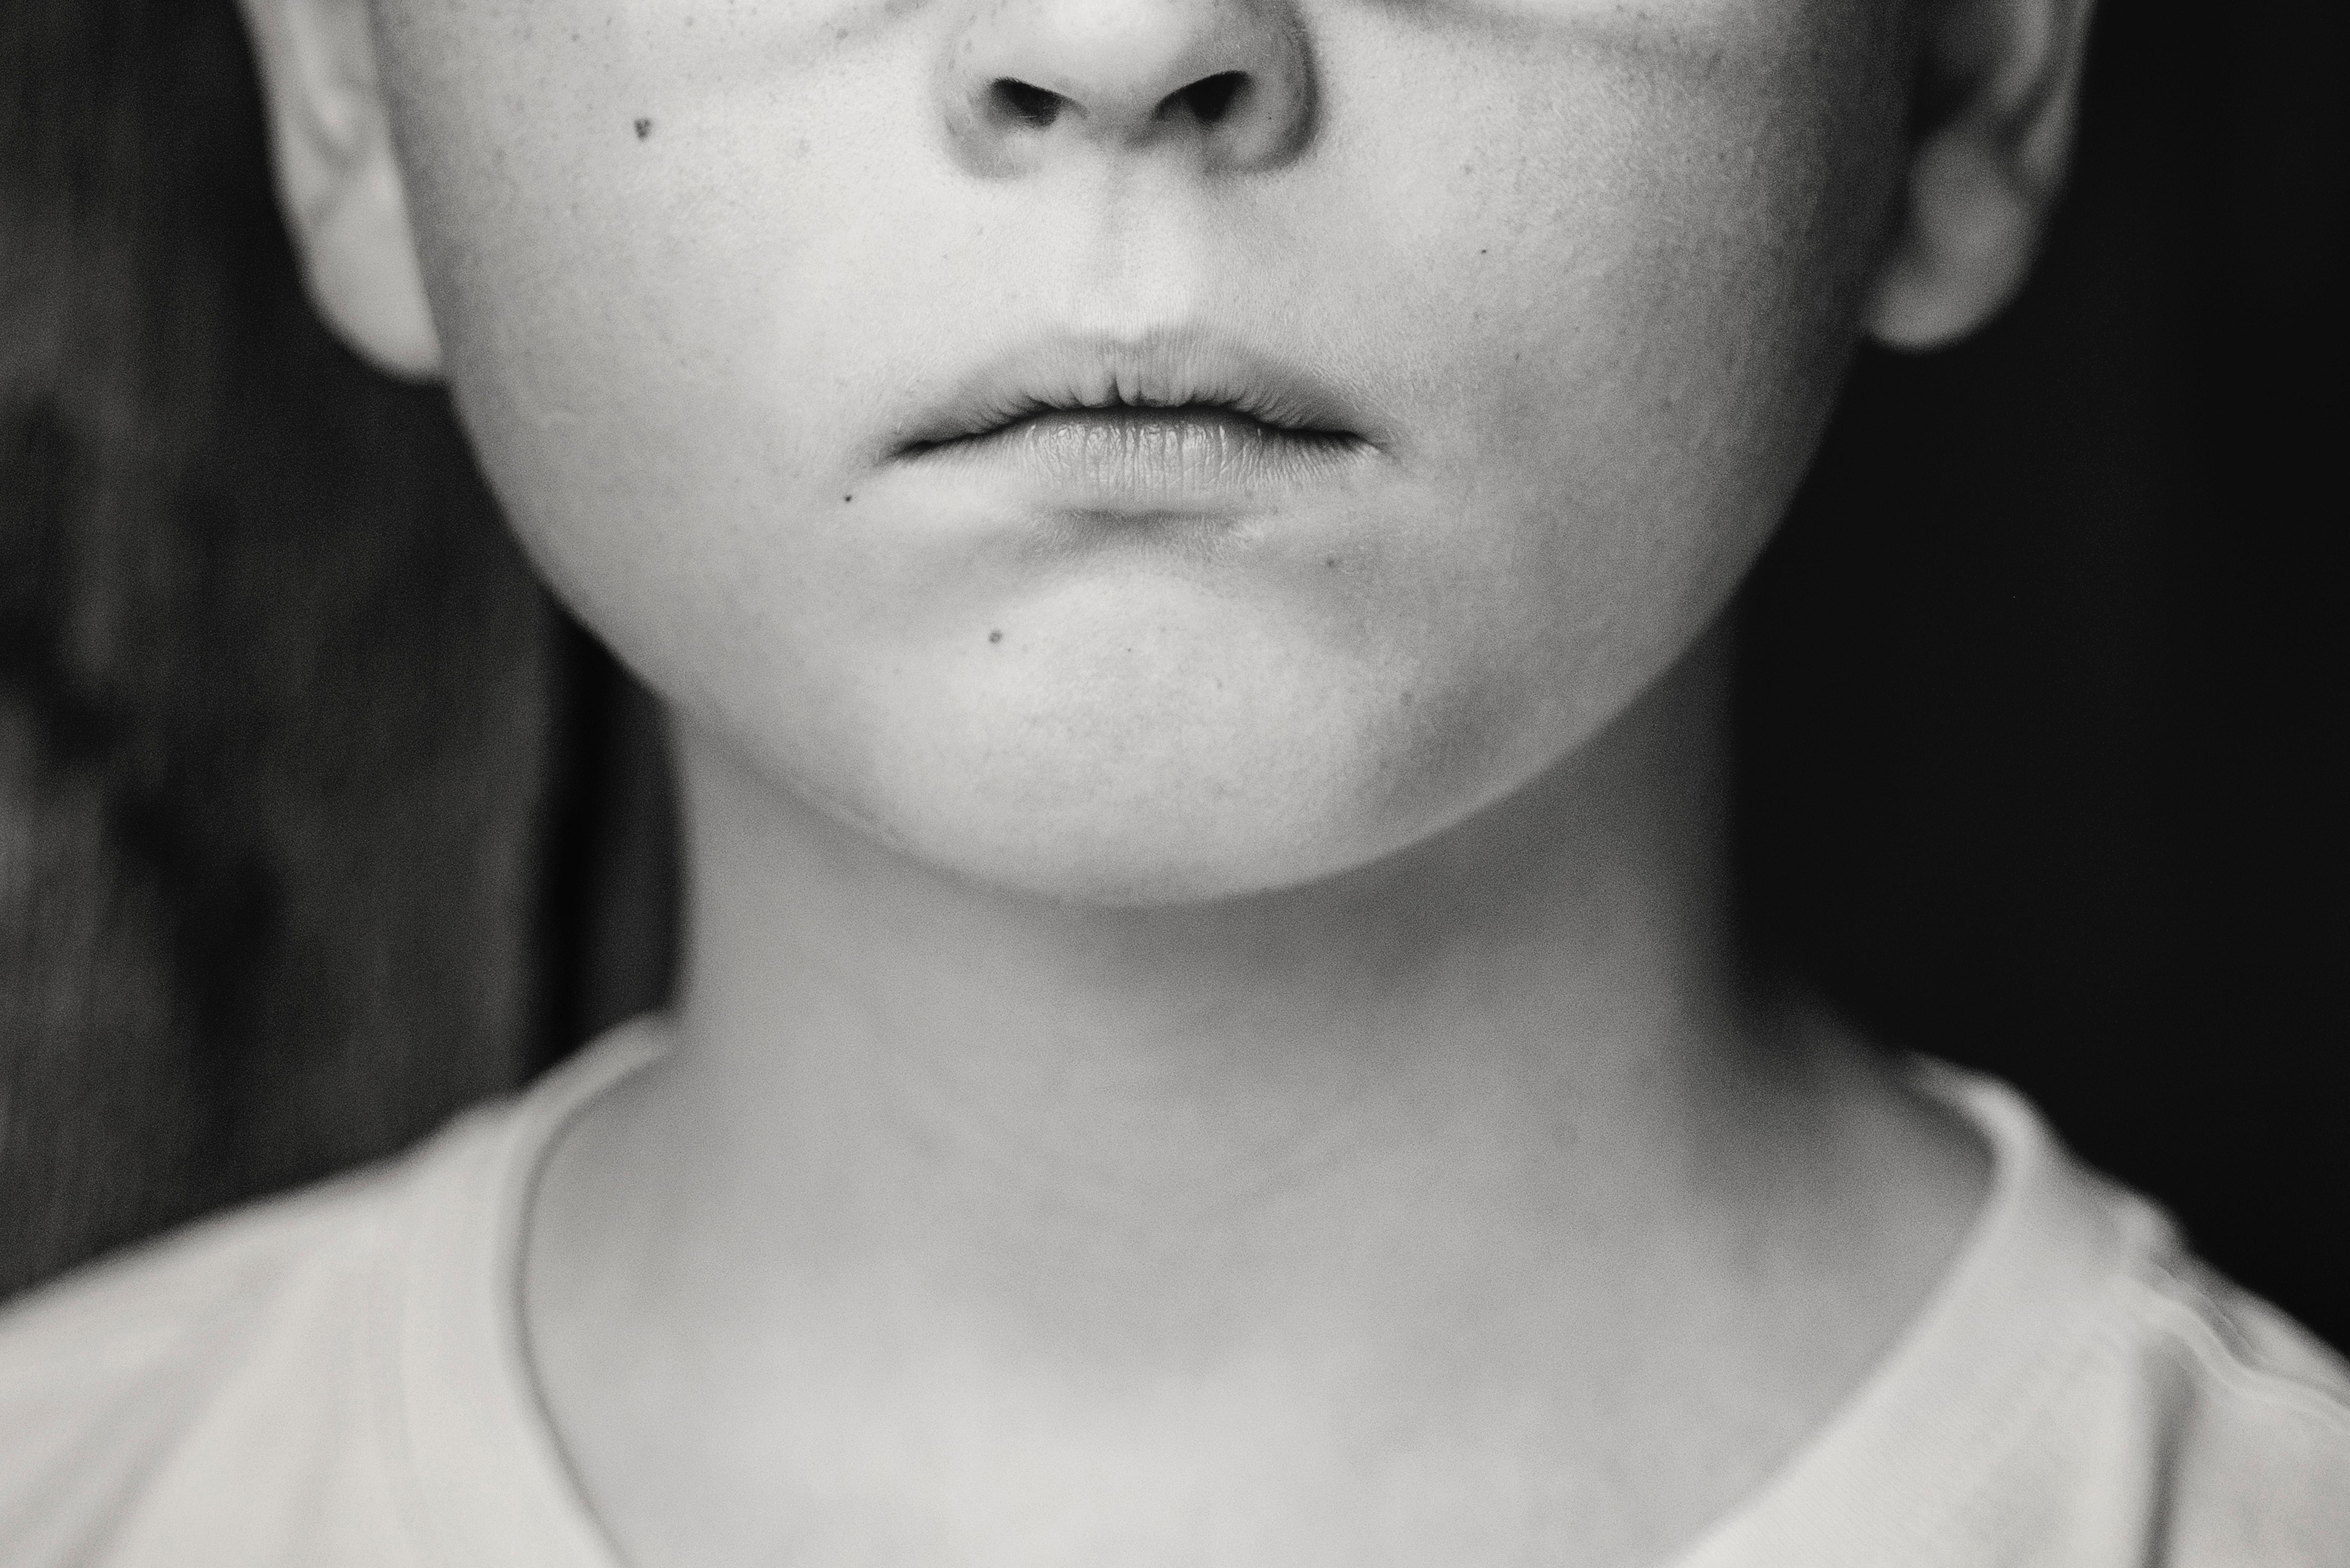 競争は子供の自尊心を秘かに破壊する